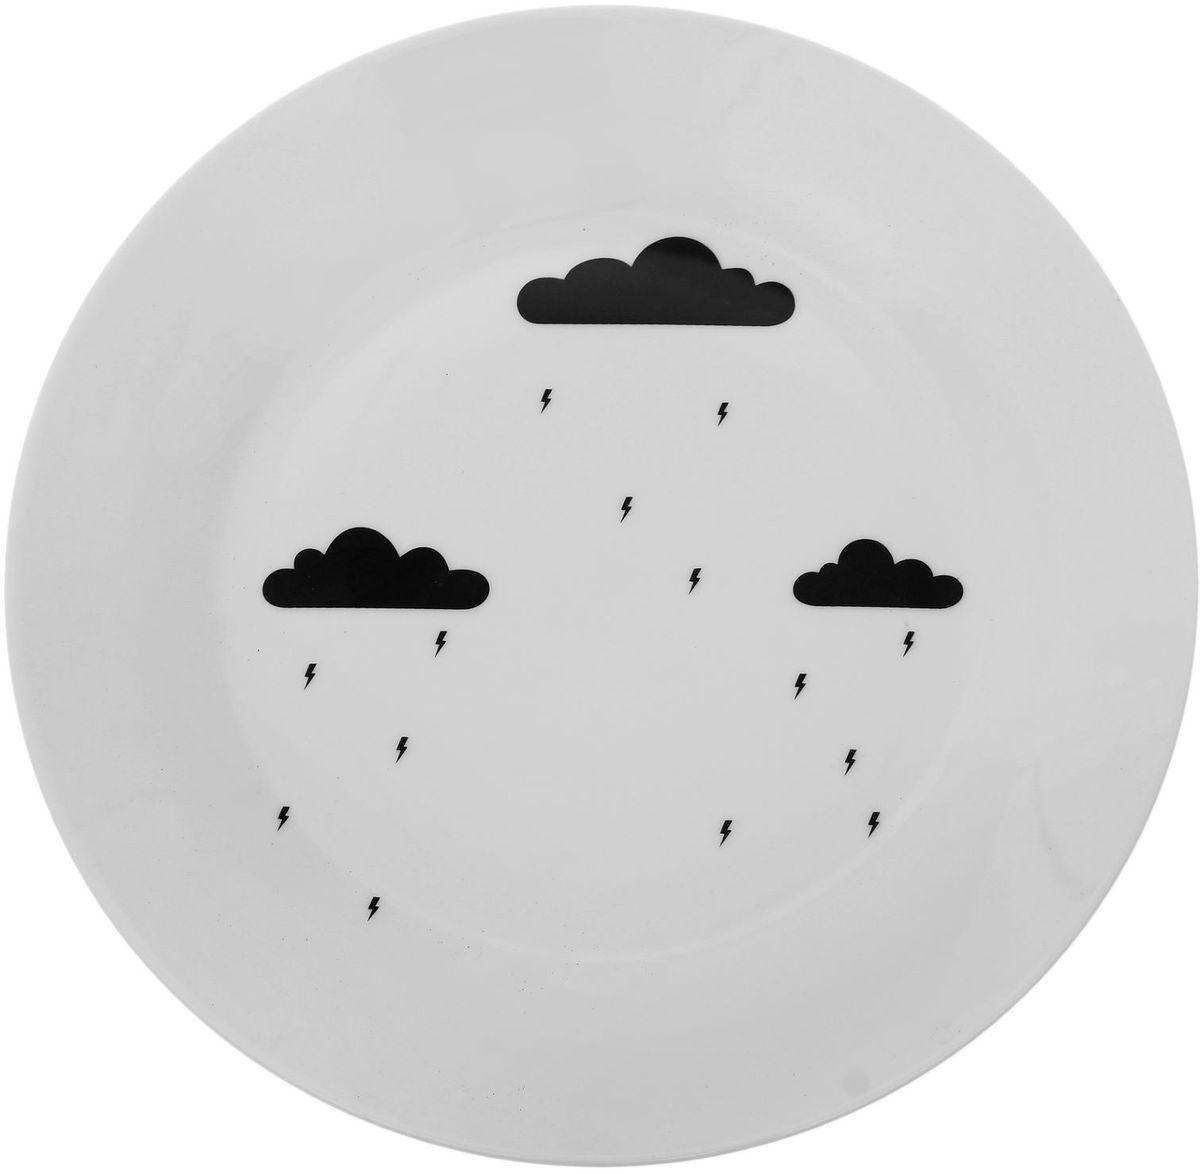 Тарелка Сотвори чудо Грозовая тучка, диаметр 23 см1661837Хотите обновить интерьер кухни или гостиной? Устраиваете необычную фотосессию или тематический праздник? А может, просто ищете подарок для близкого человека? Посуда Сотвори Чудо — правильный выбор в любой ситуации. Тарелка Сотвори Чудо, изготовленная из изящного фаянса нежного сливочного цвета, оформлена оригинальным рисунком со стойкой краской. Пригодна для посудомоечной машины.